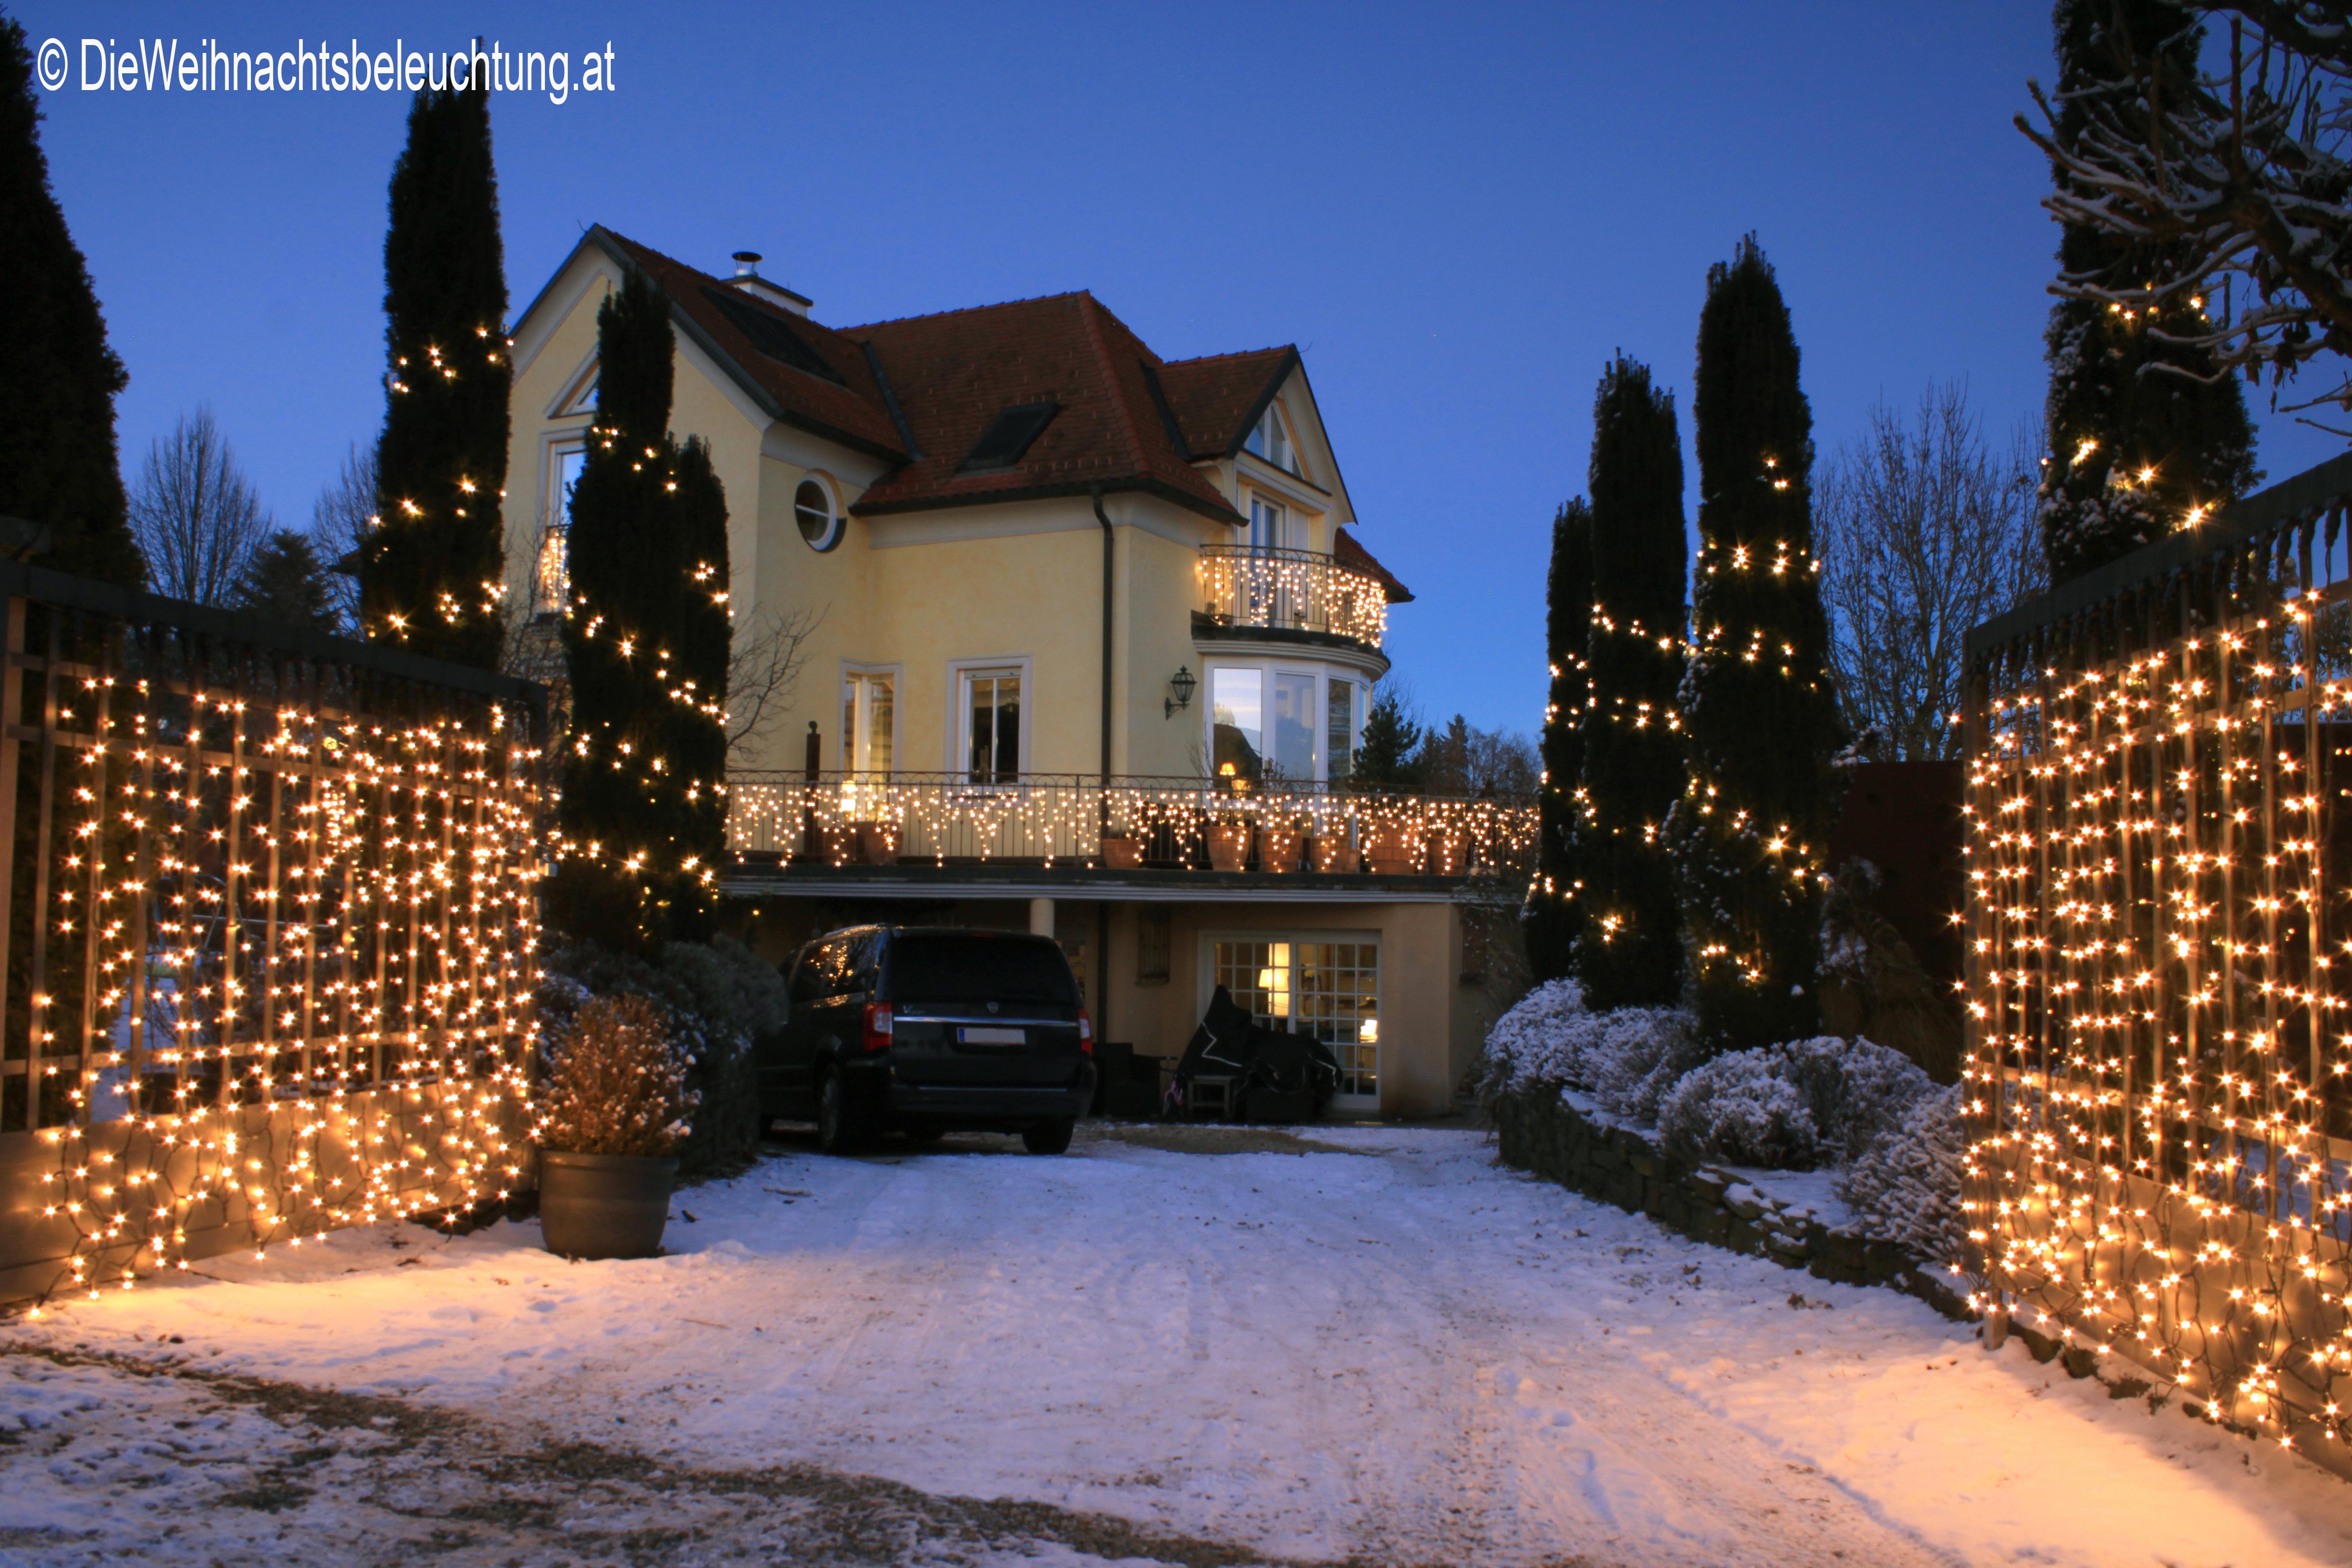 weihnachtsbeleuchtung f r haus und garten. Black Bedroom Furniture Sets. Home Design Ideas